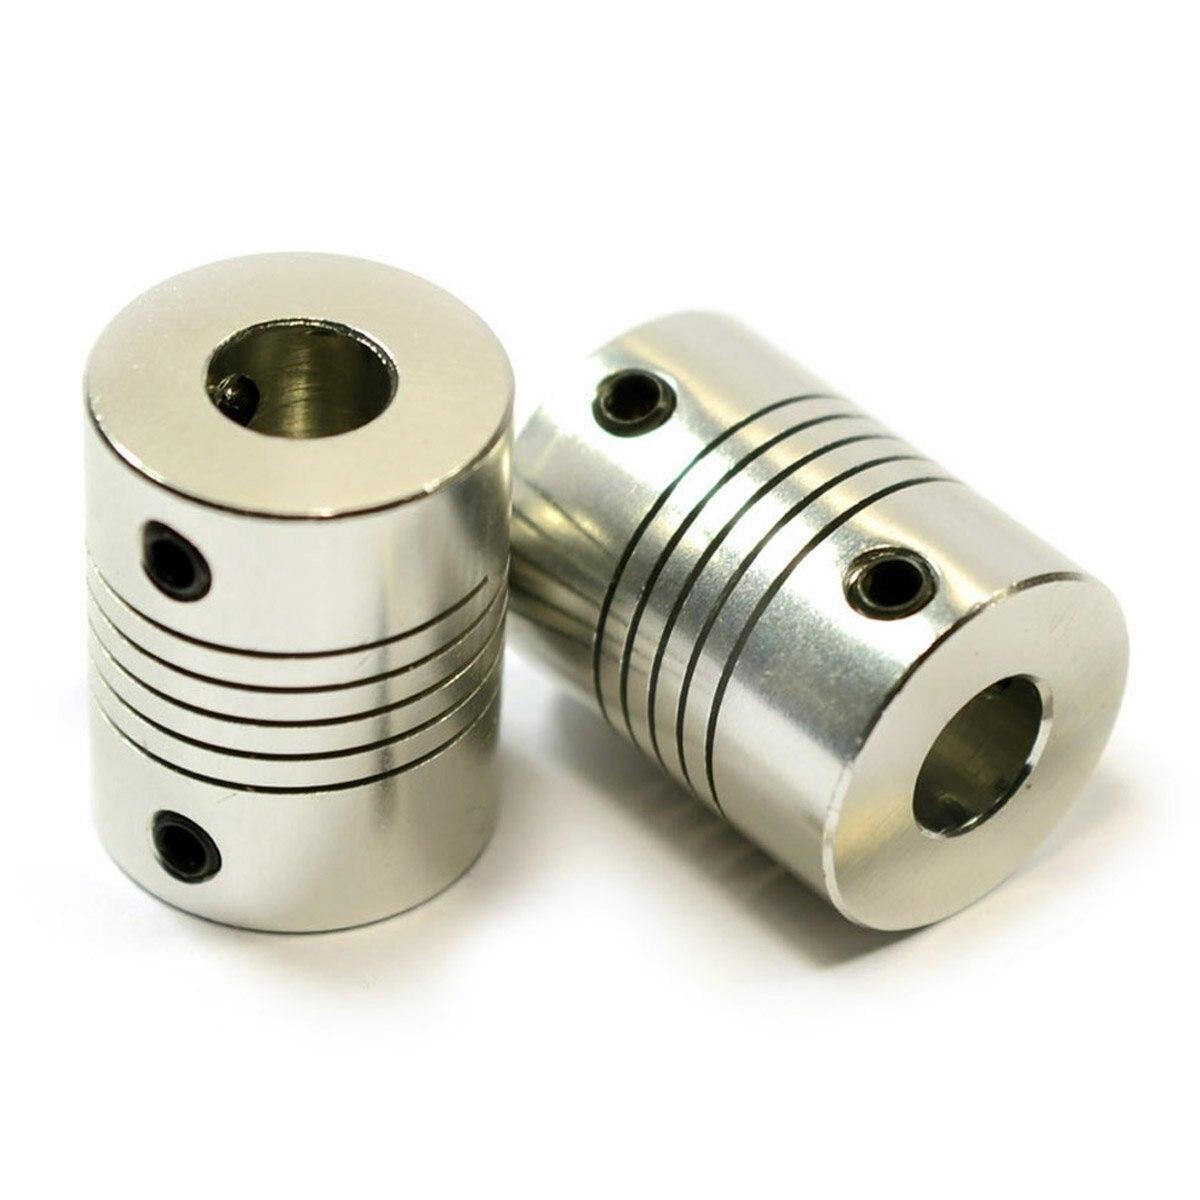 2 flexible Kupplungen Schaft f/ür RepRap 3D-Drucker oder CNC-Maschine NEMA 17 5/mm auf 8/mm